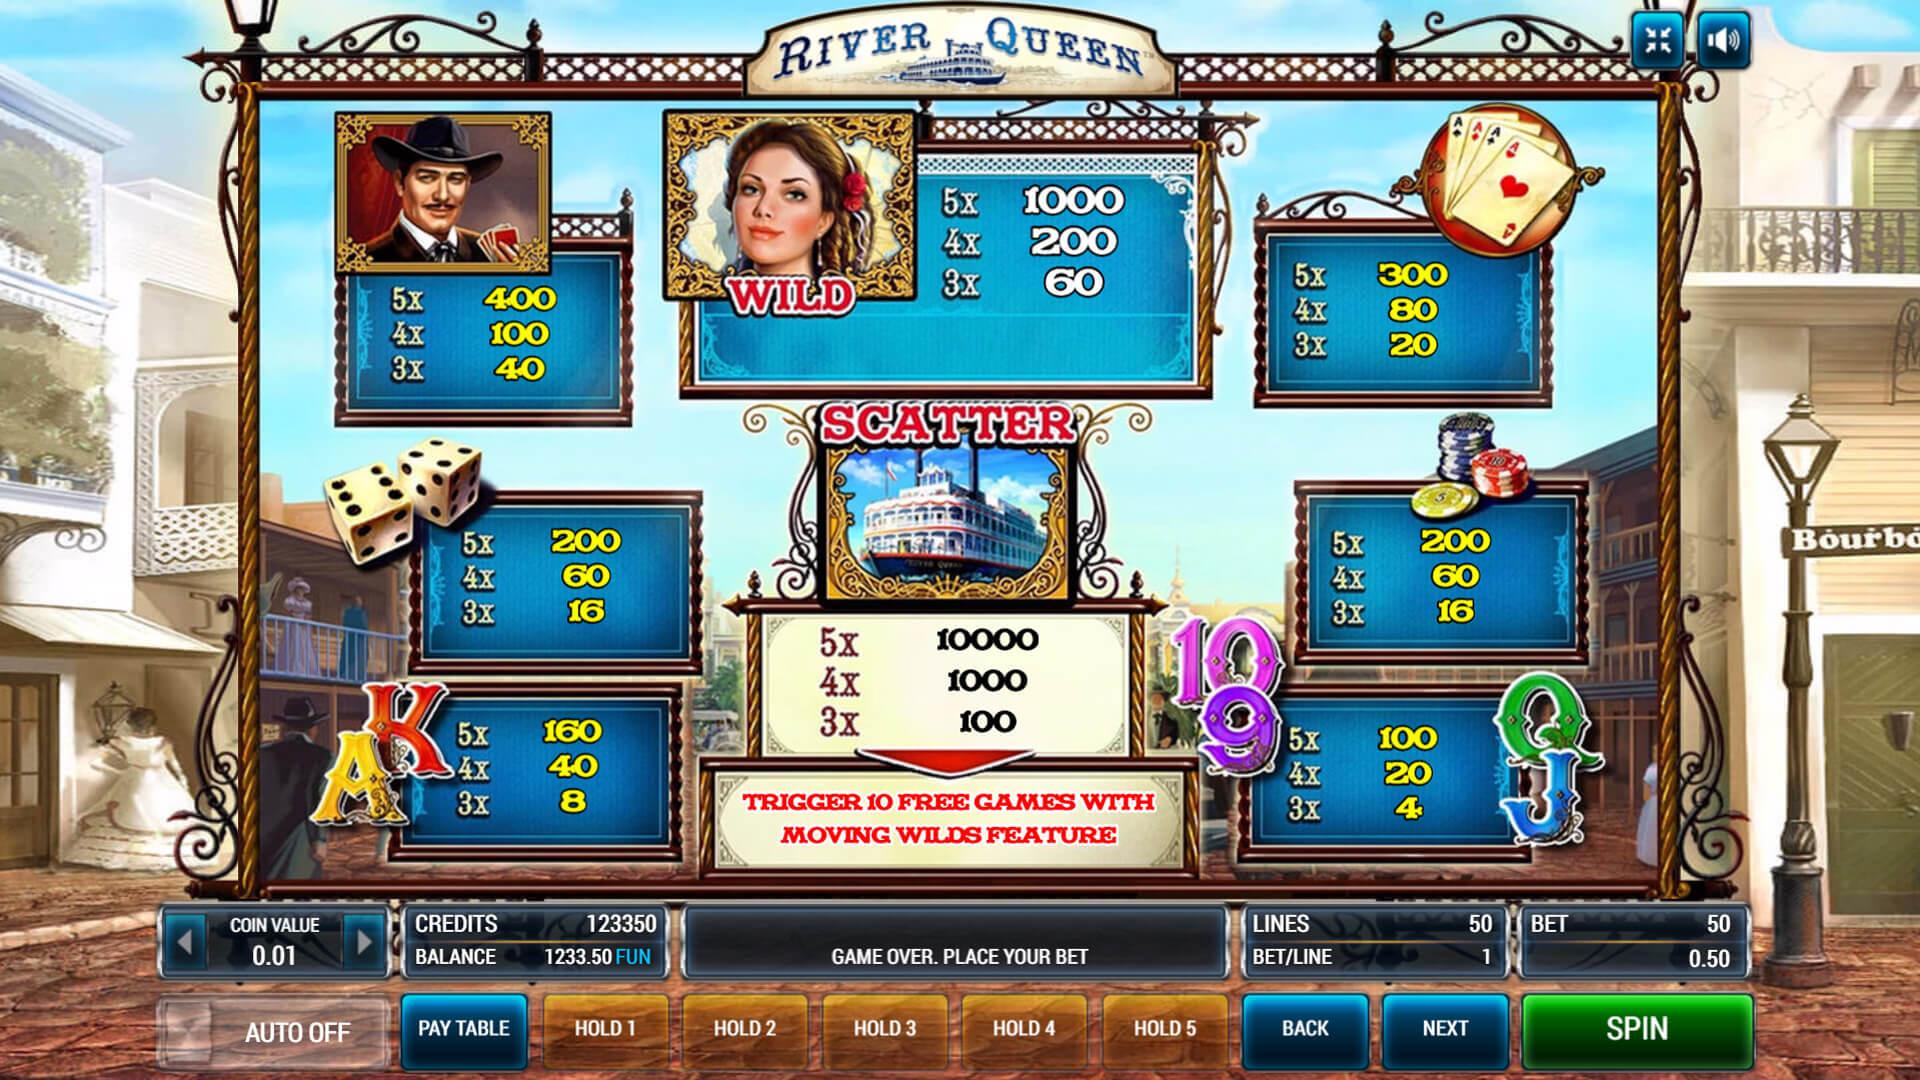 Изображение игрового автомата River Queen 3